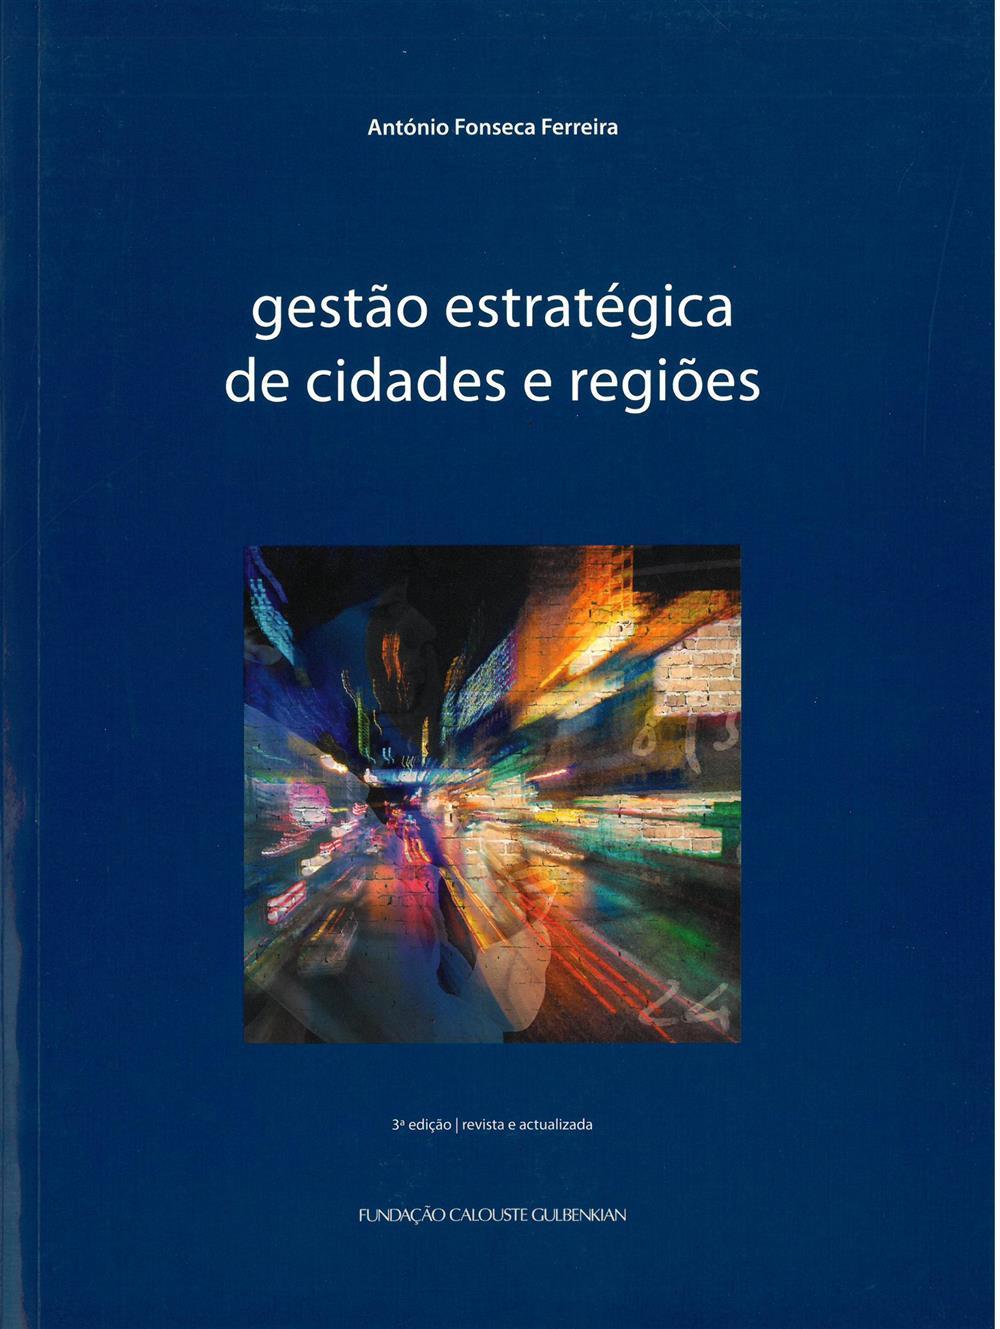 FERREIRA, António Fonseca (2015). Gestão estratégica de cidades e regiões.jpg